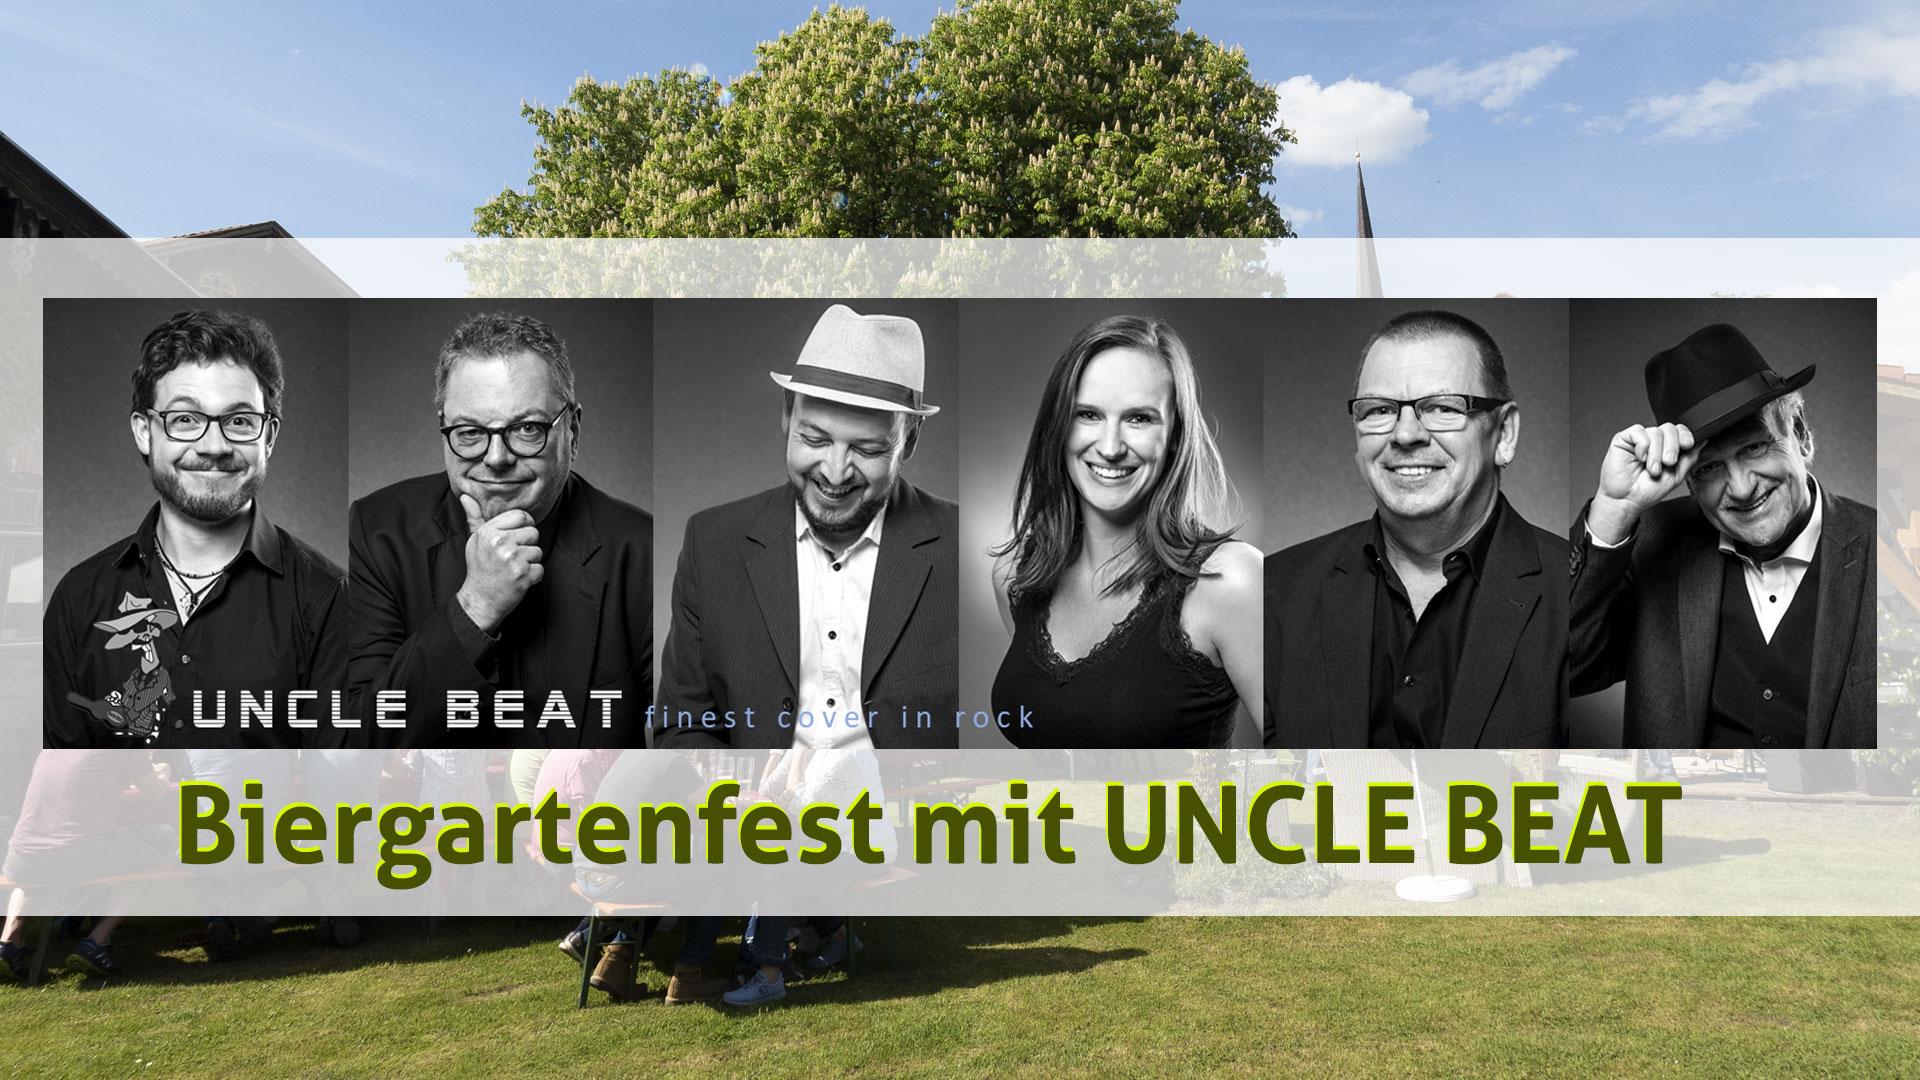 Biergartenfest mit Uncle Beat